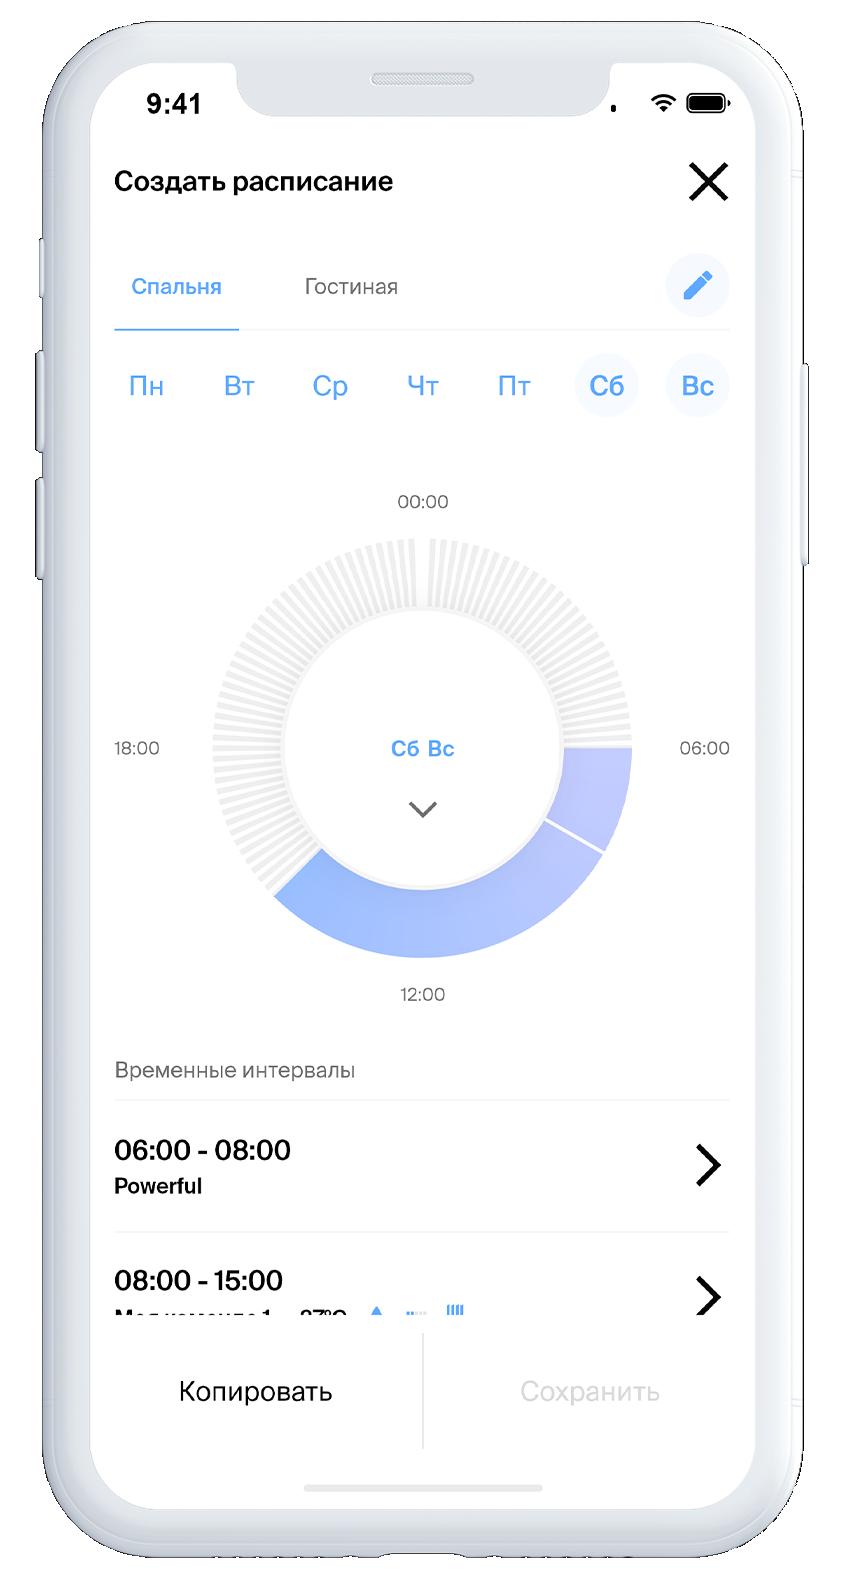 Schedule-creation